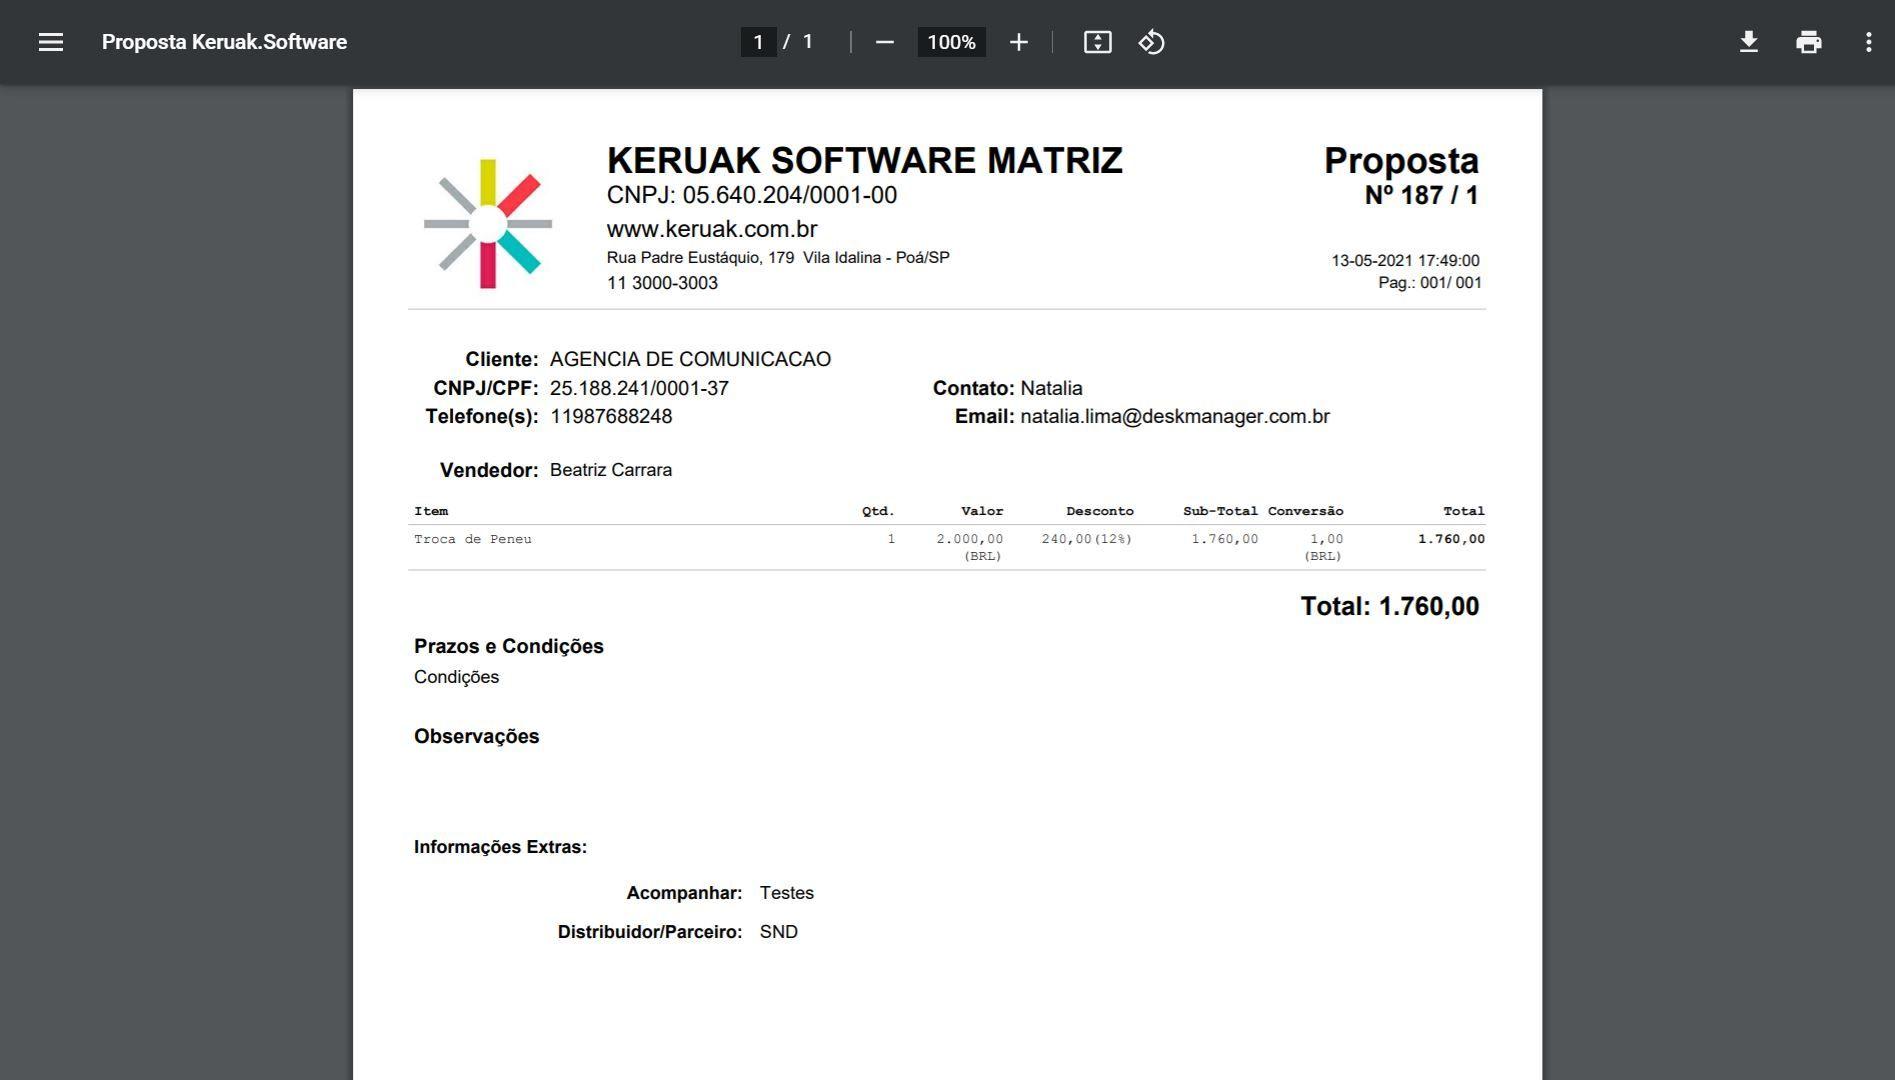 Adicionar-campos-extras-na-impress-o-da-proposta-modelo-Keruak-2